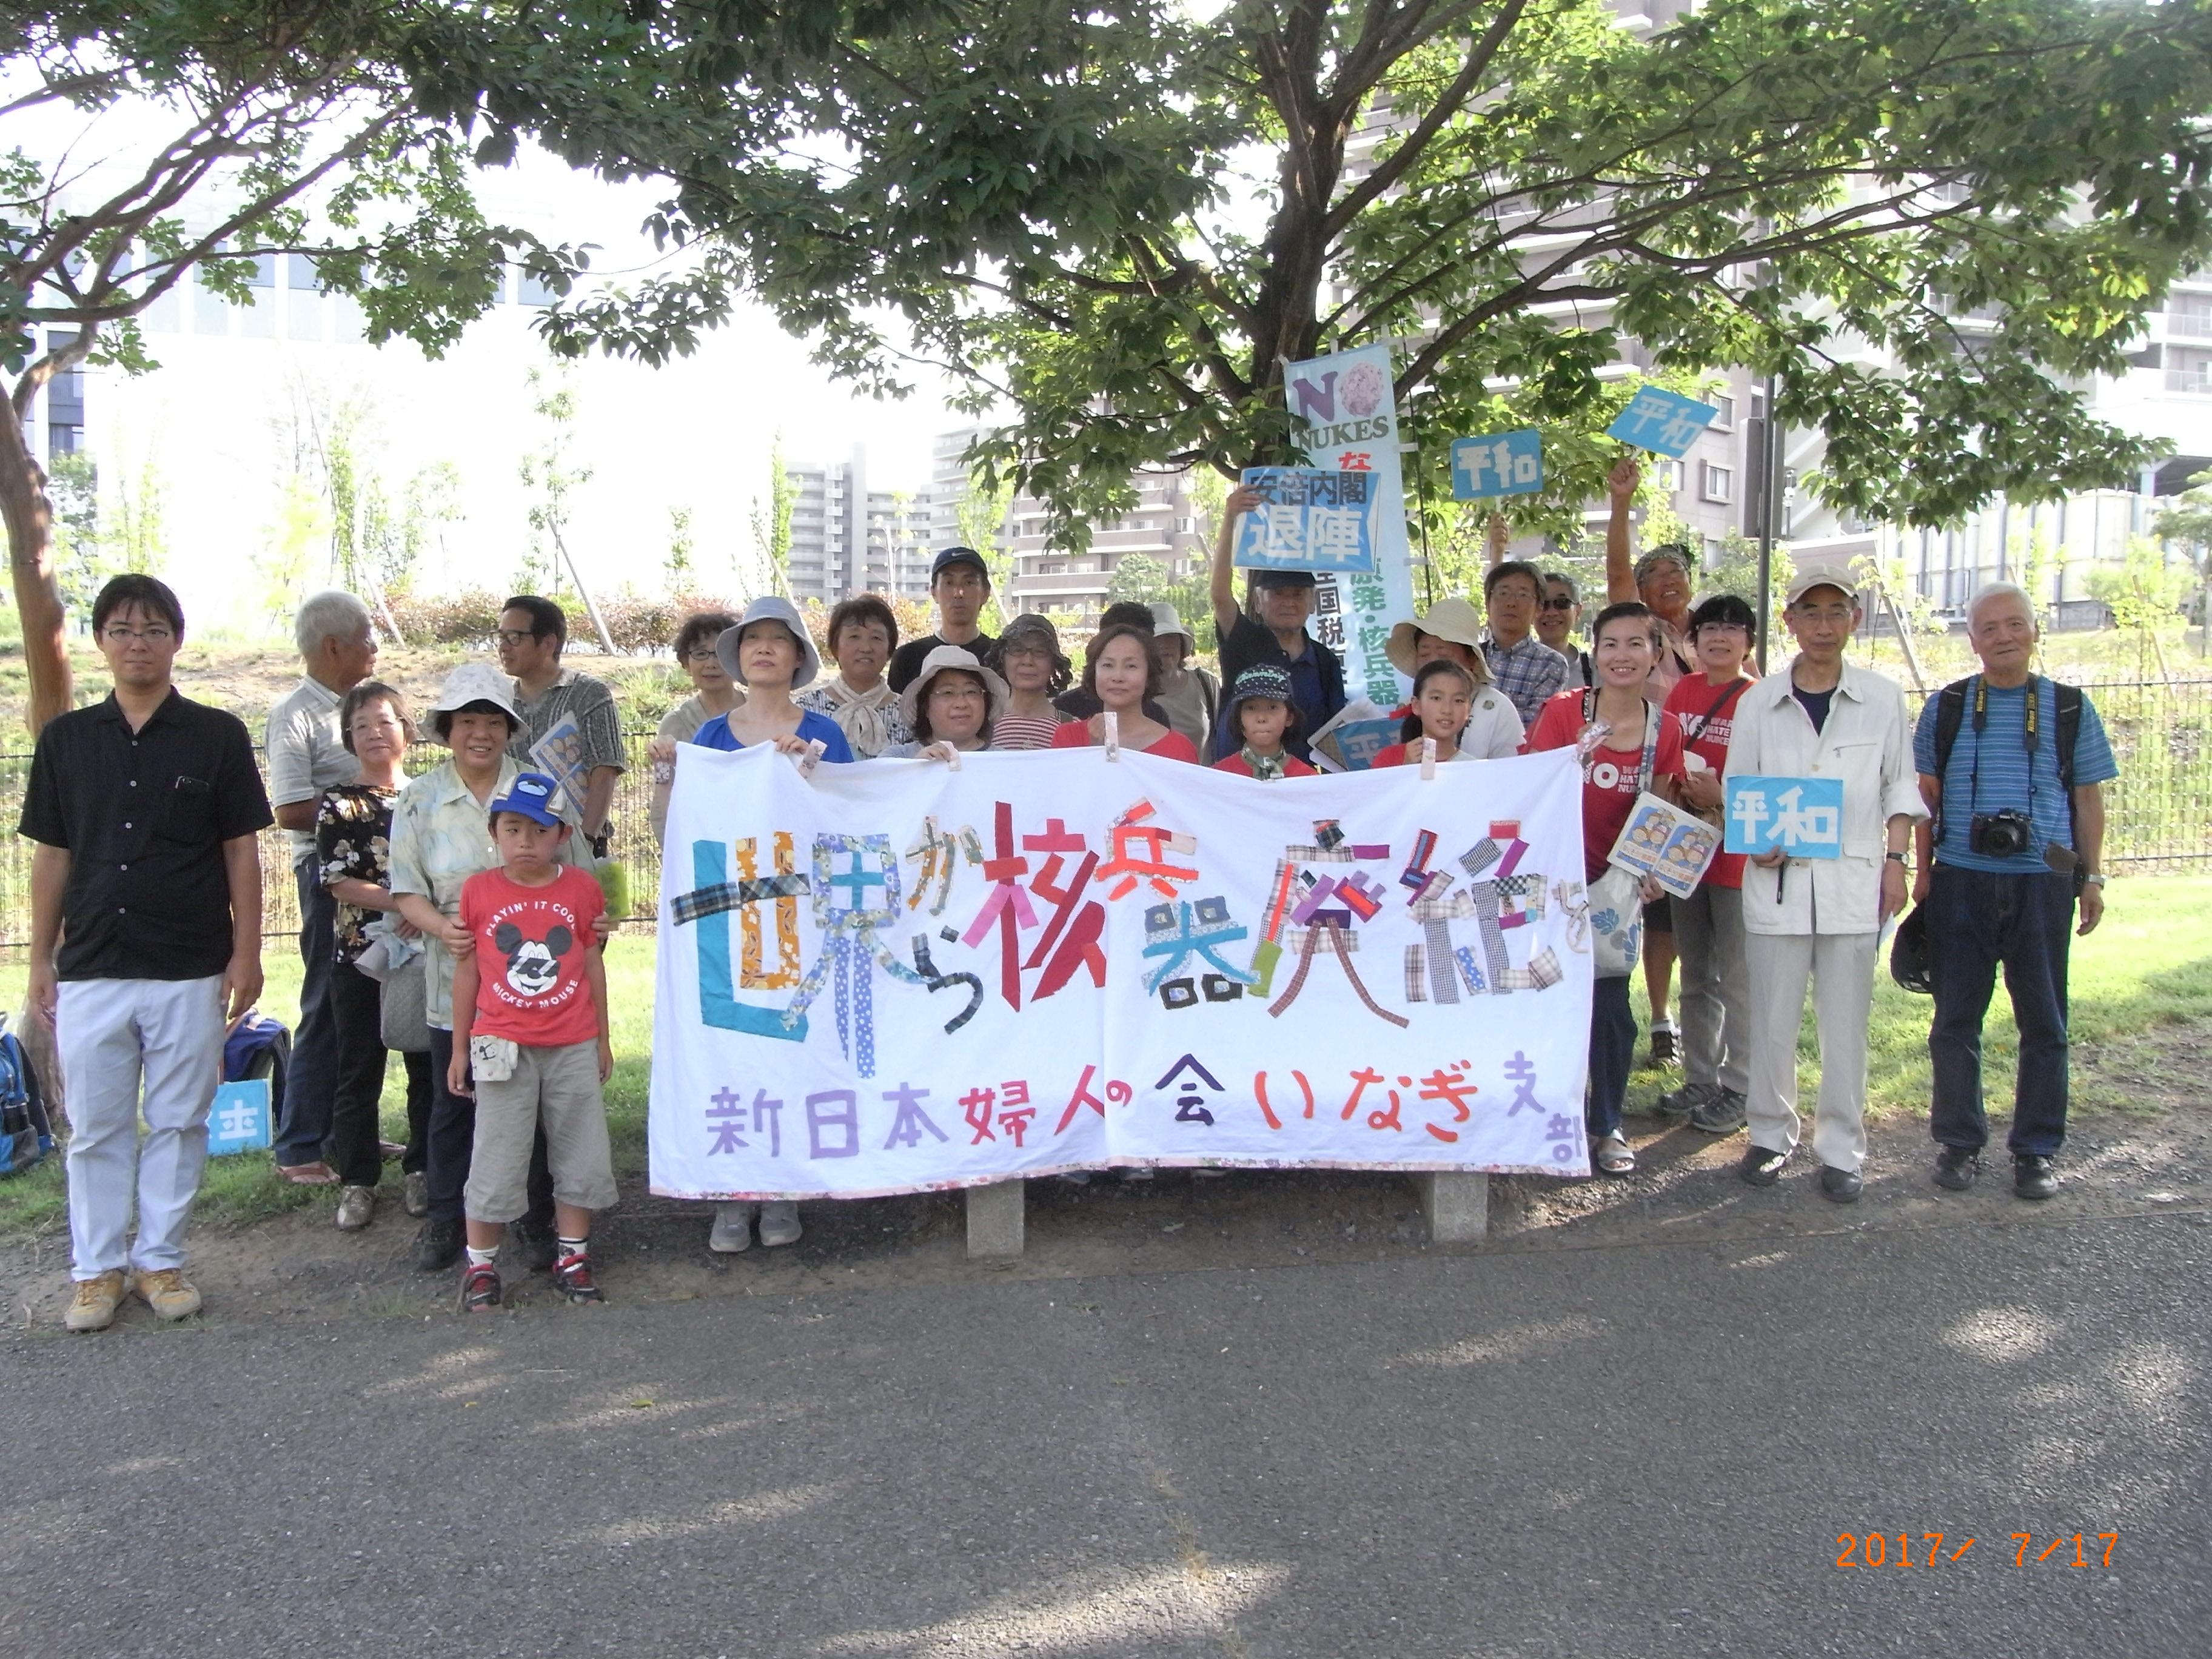 稲城支部ピースパレード2017@若葉台